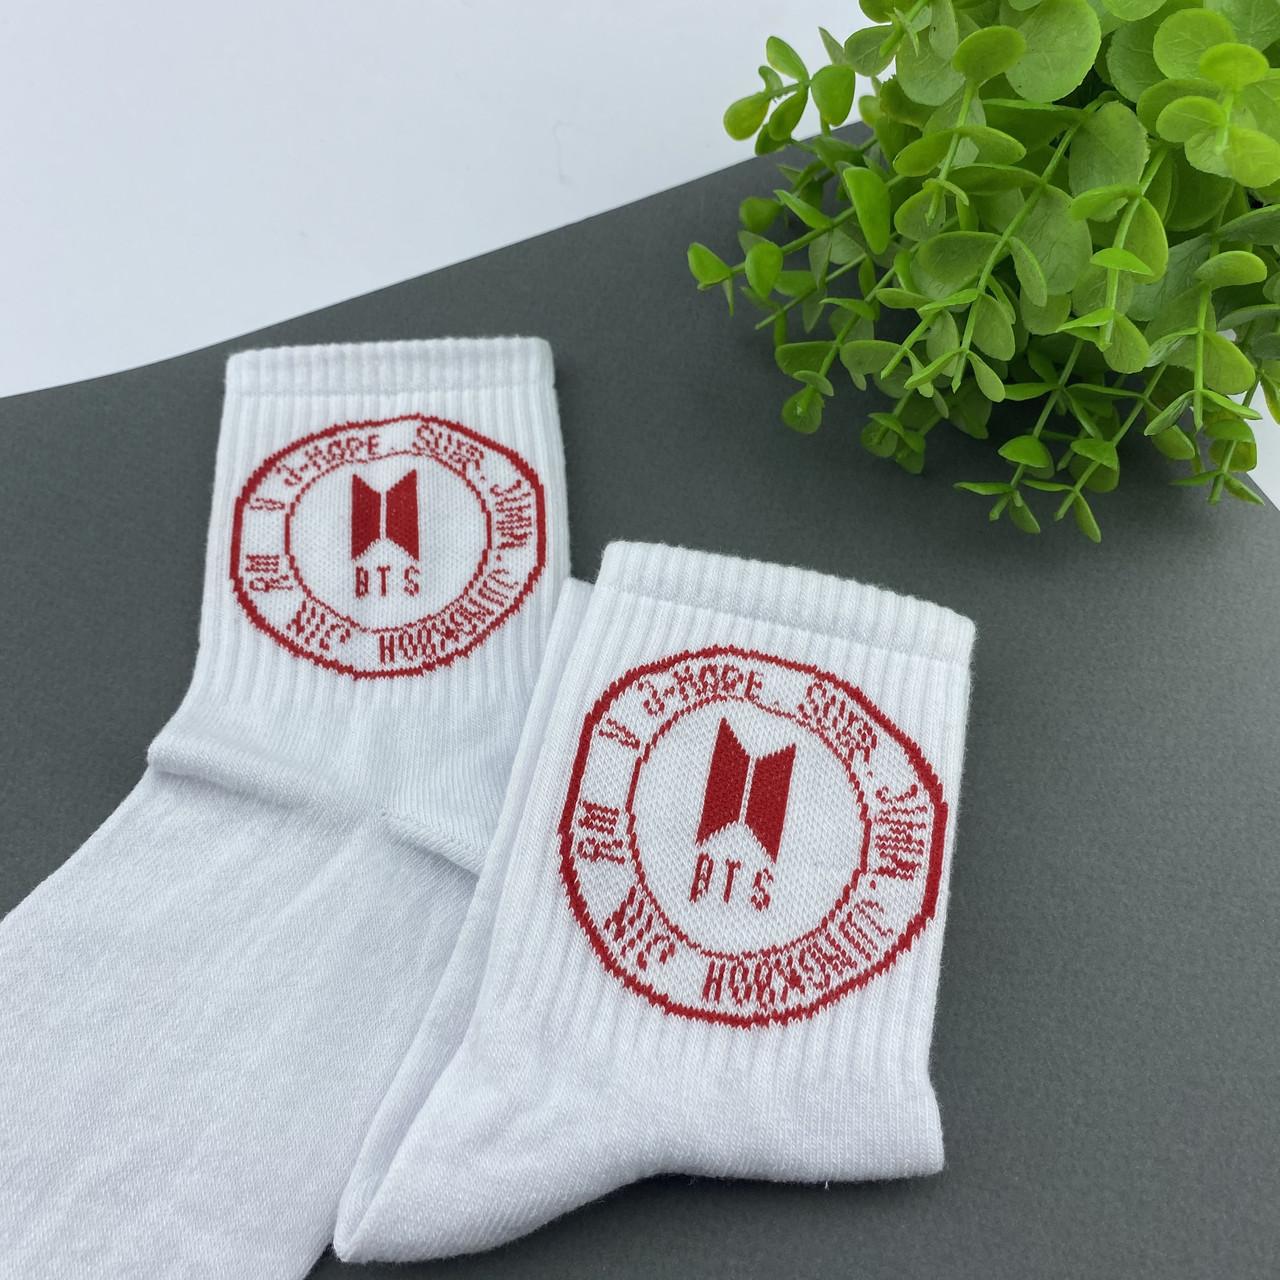 Носки белые с принтом BTS